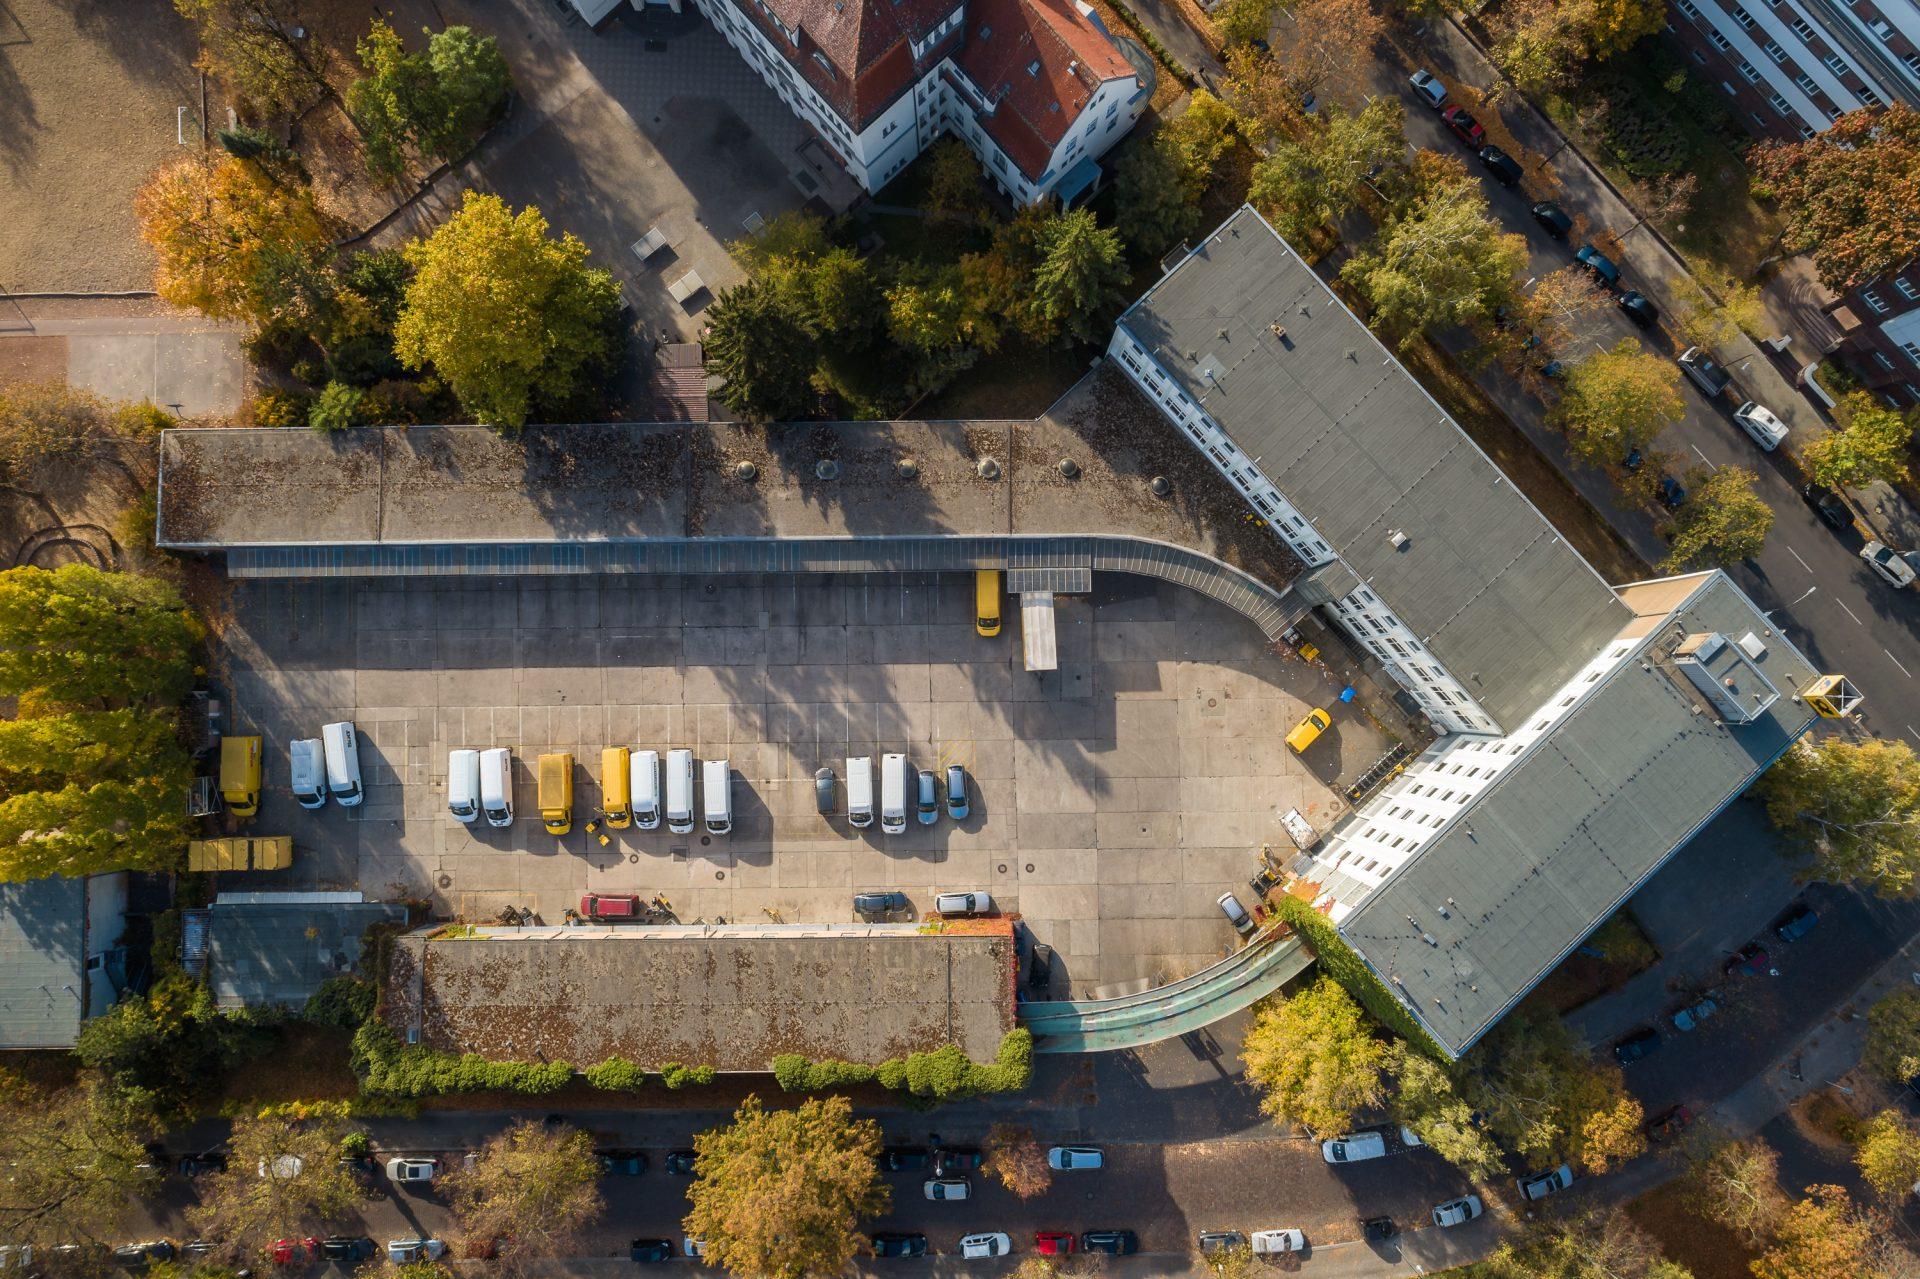 Architekturfotografie - Drohnenfotografie © offenblende.de